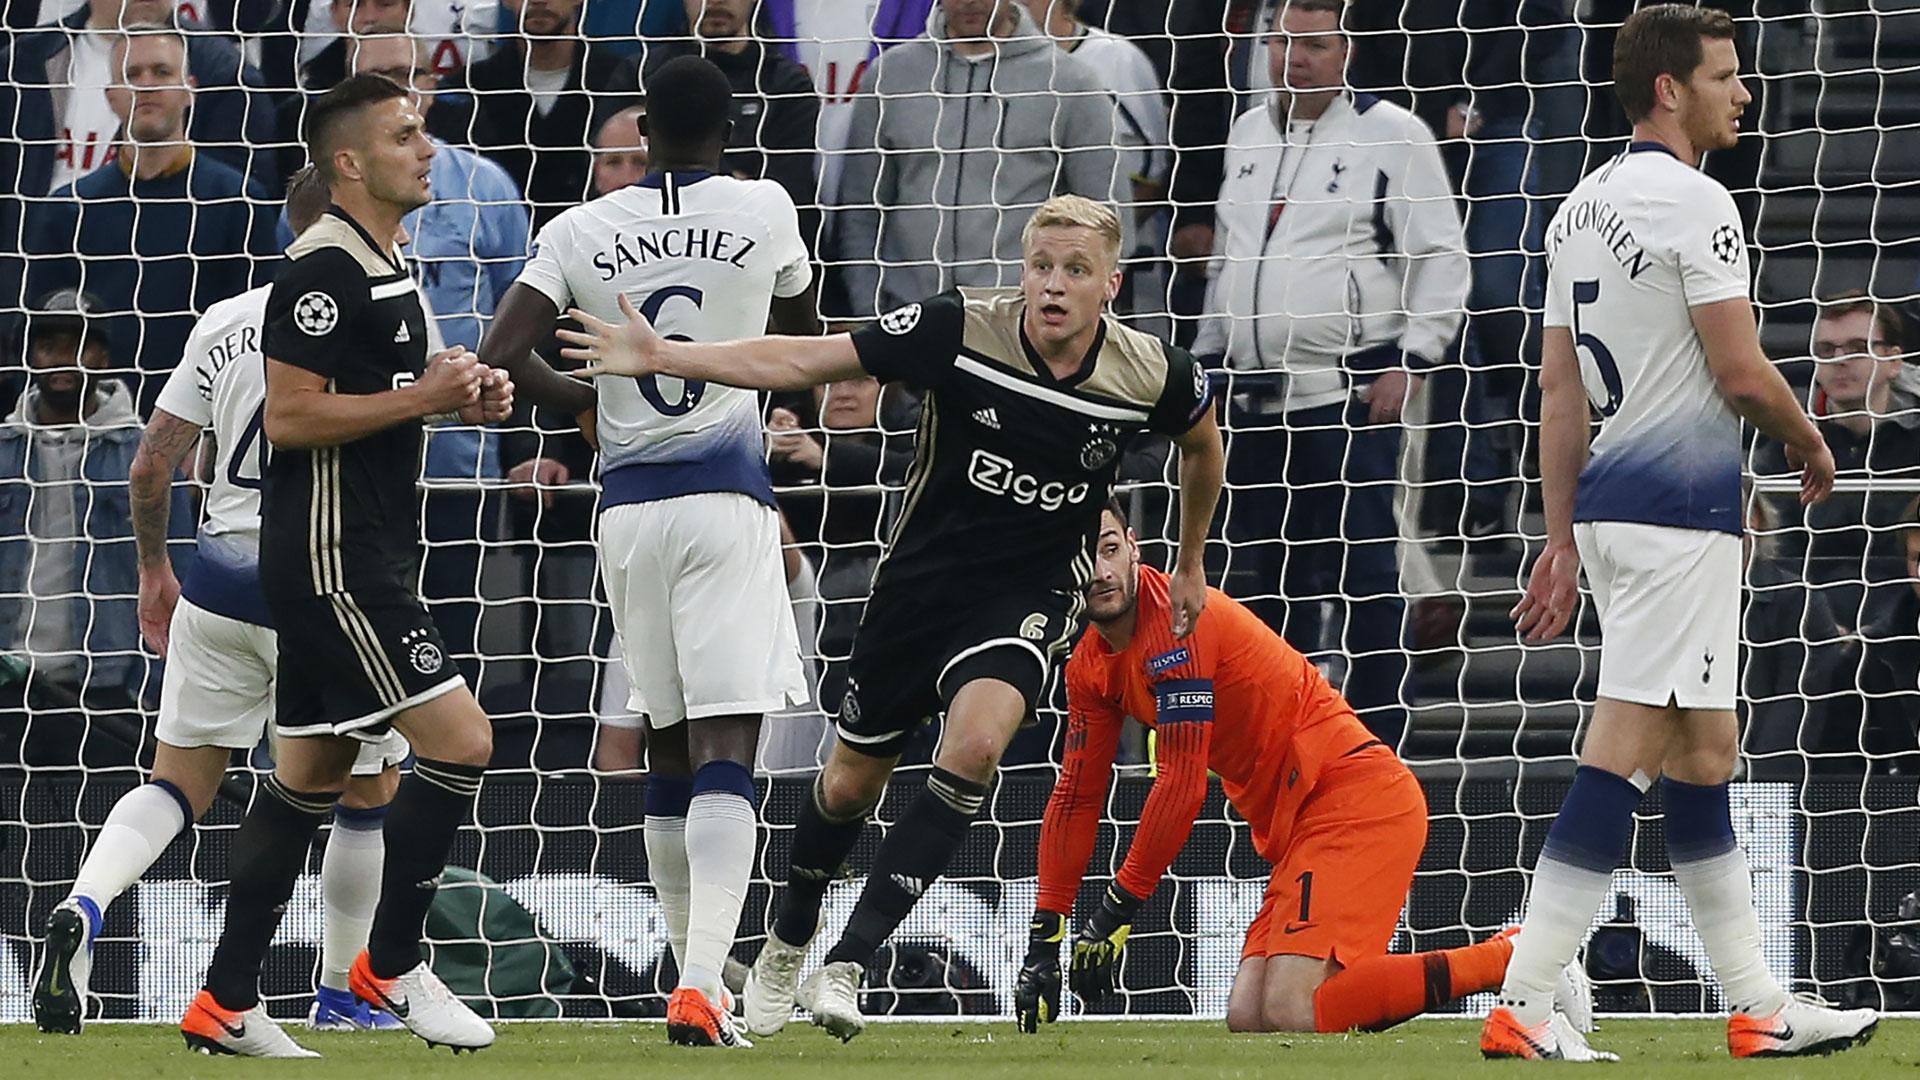 Donny van de Beek Tottenham Hotspur Ajax Amsterdam Champions League 30042019